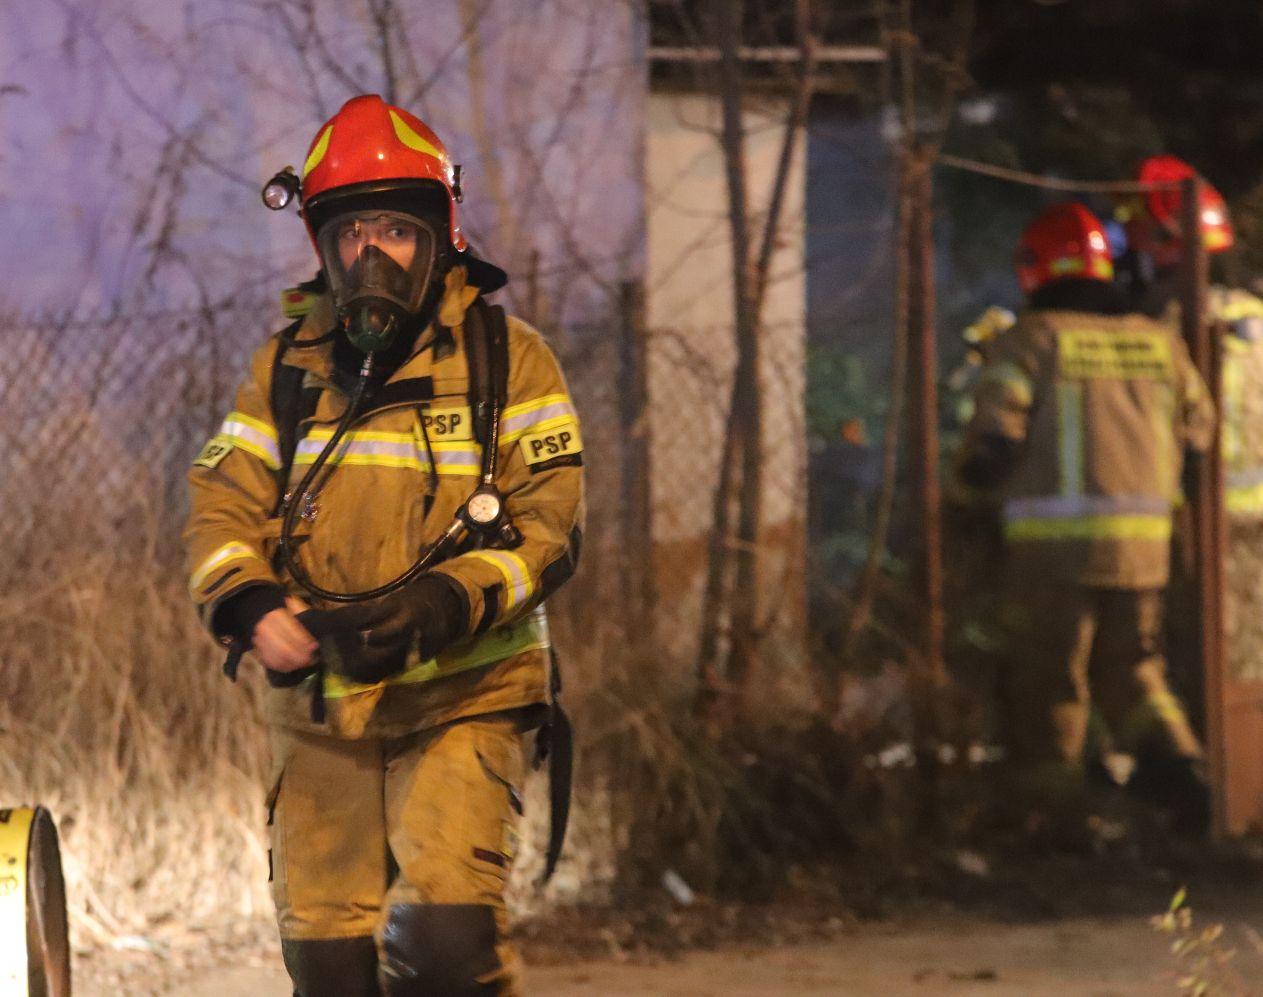 [ZDJĘCIA] Pożar w Kutnie. Trwają działania straży pożarnej - Zdjęcie główne